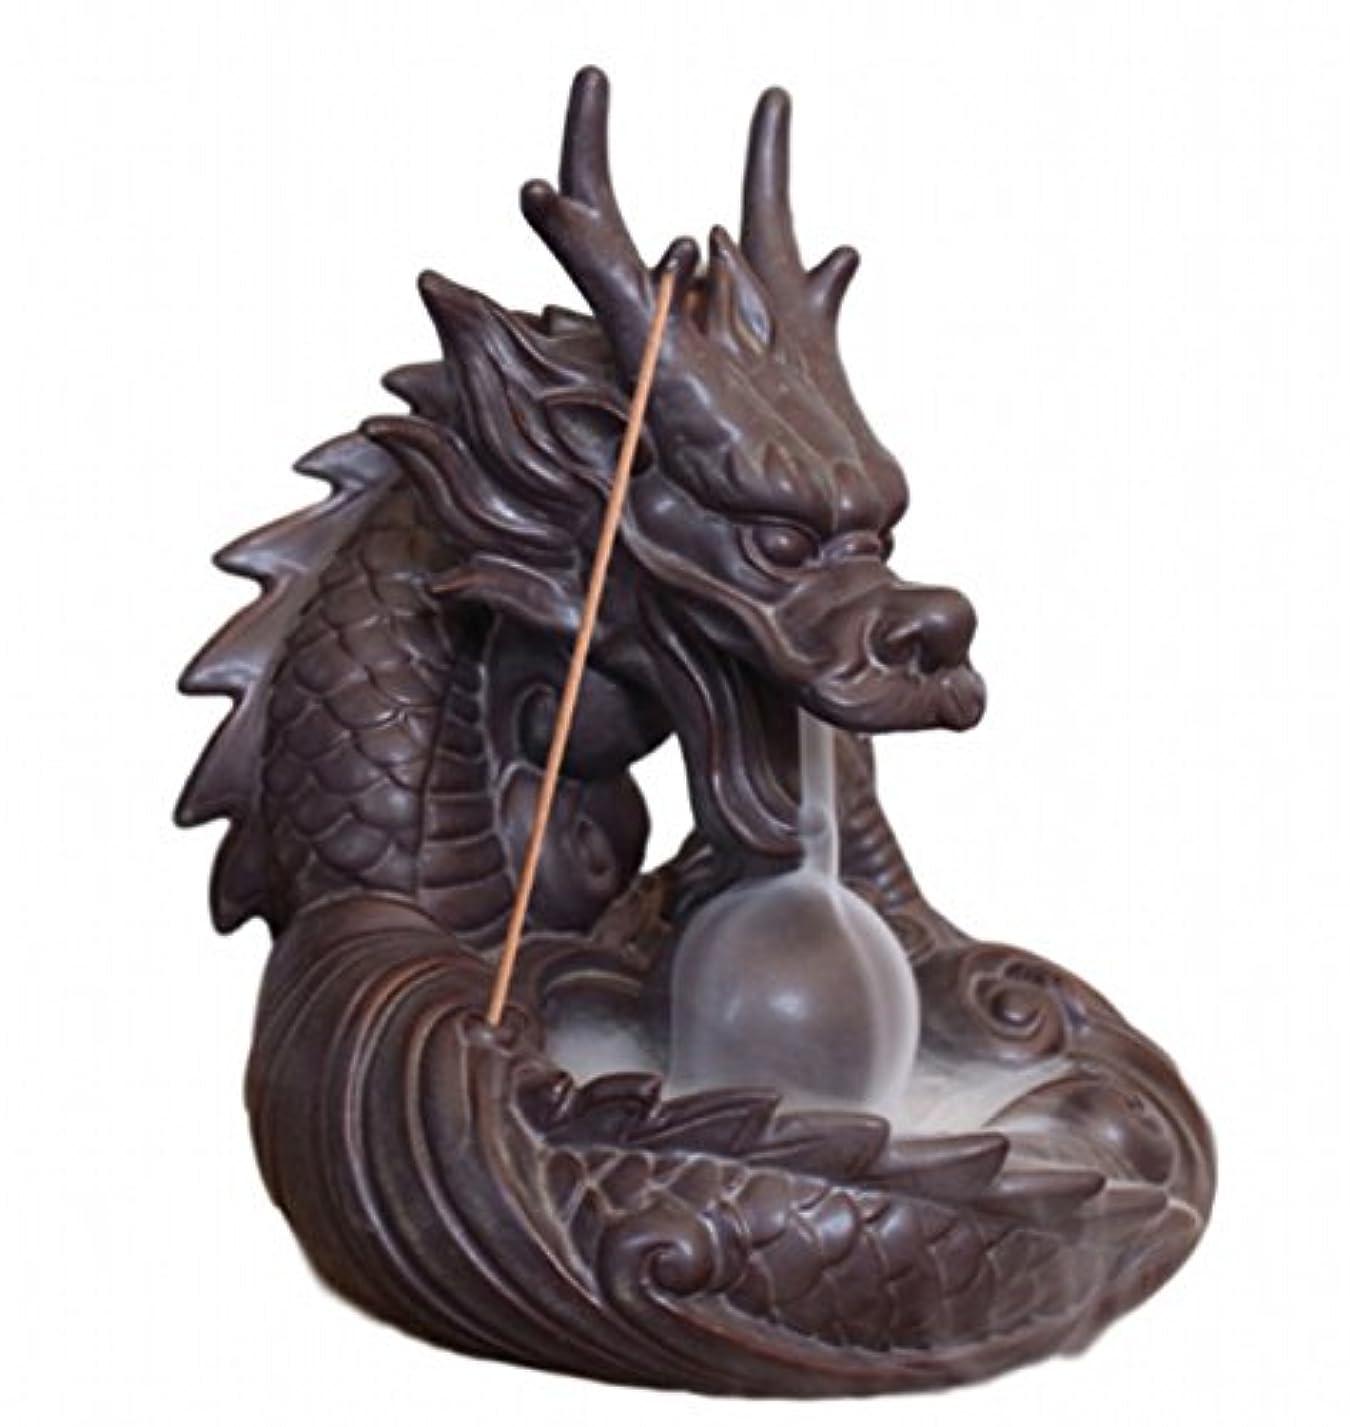 評価可能横たわるコレクション【Rurumiマーケット】不思議なお香 倒流香 用 香炉 ドラゴン お試しお香付き 流川香 陶器製 (ドラゴンB)